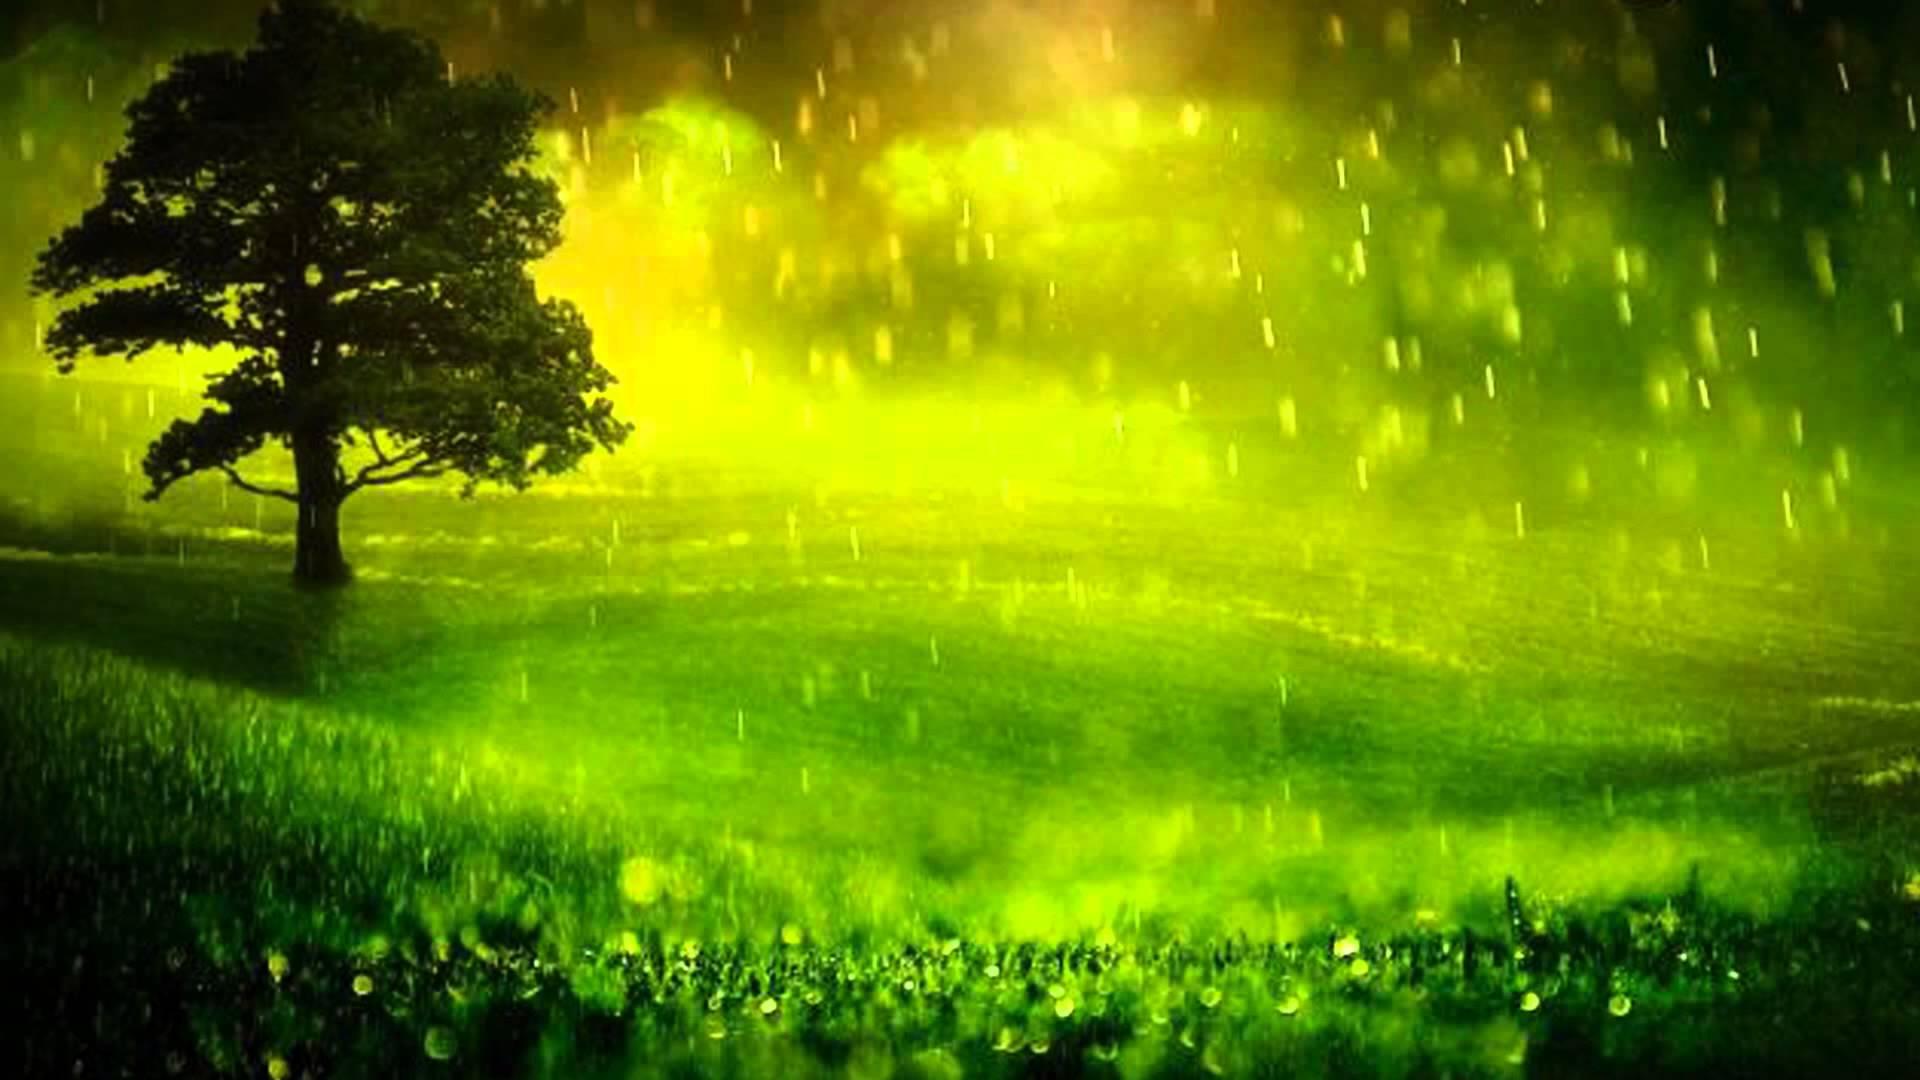 تفسير حلم رؤية الغابة في المنام لابن سيرين